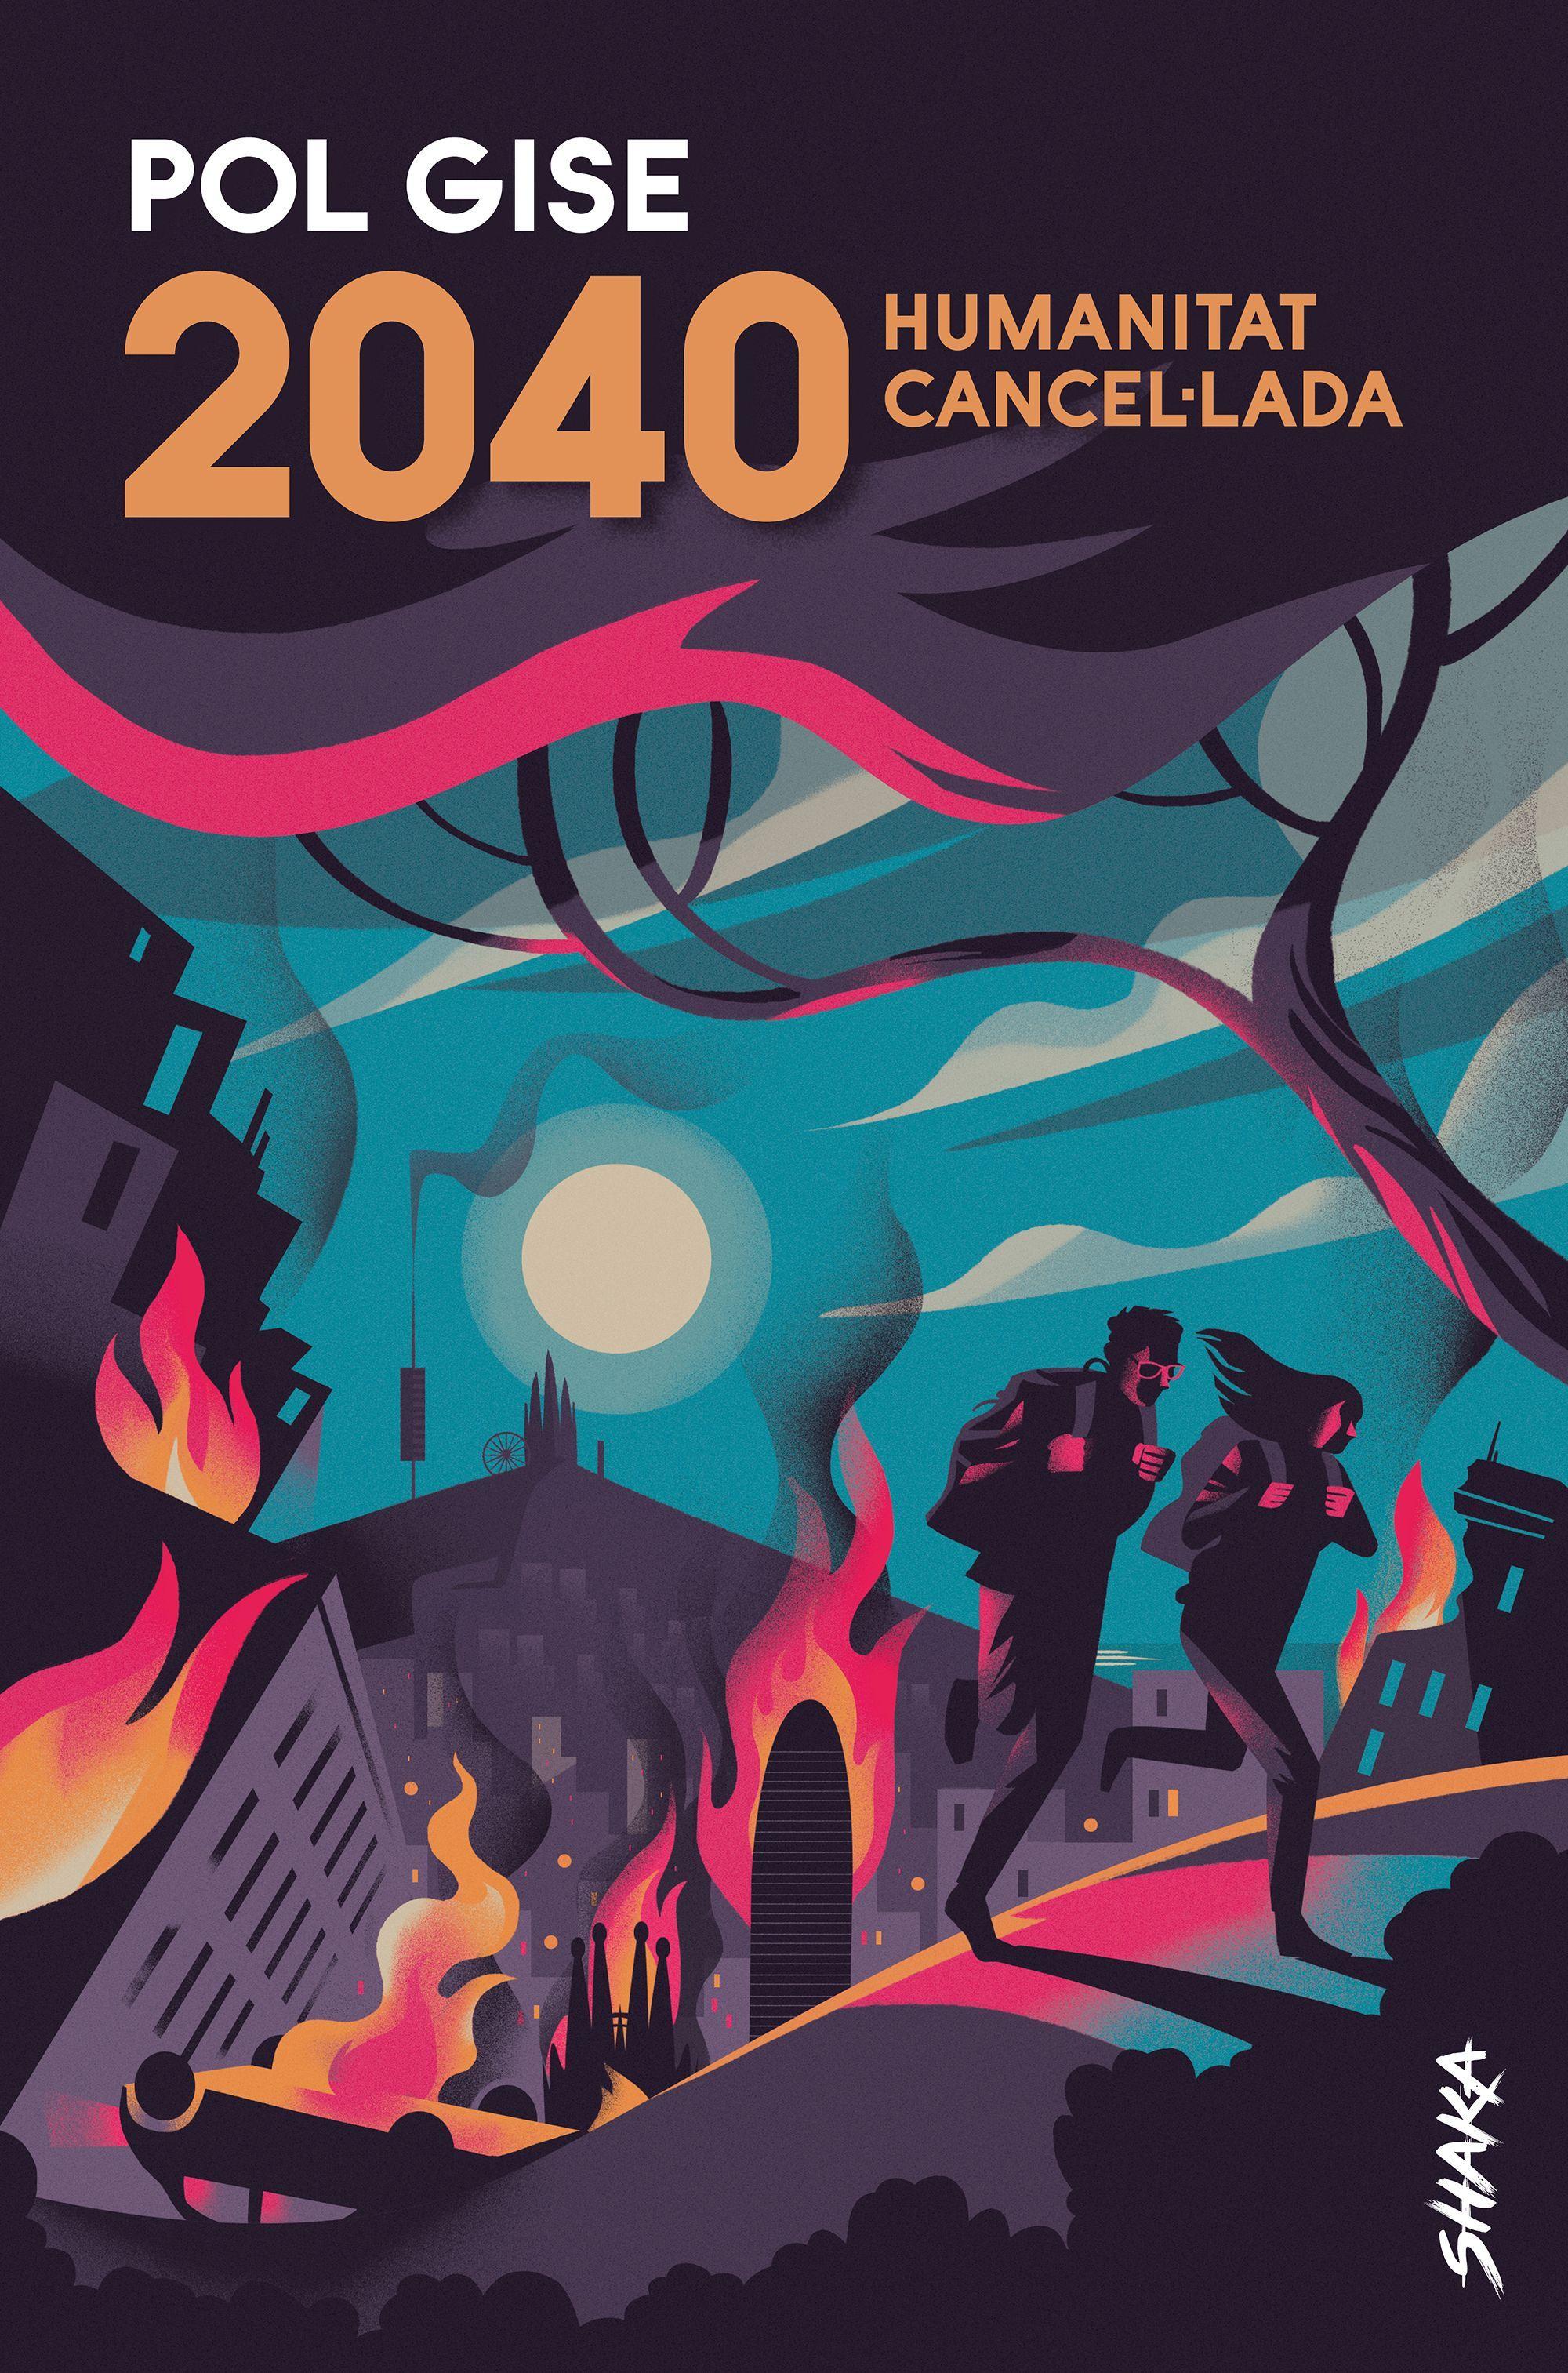 2040 HUMANITAT CANCEL·LADA